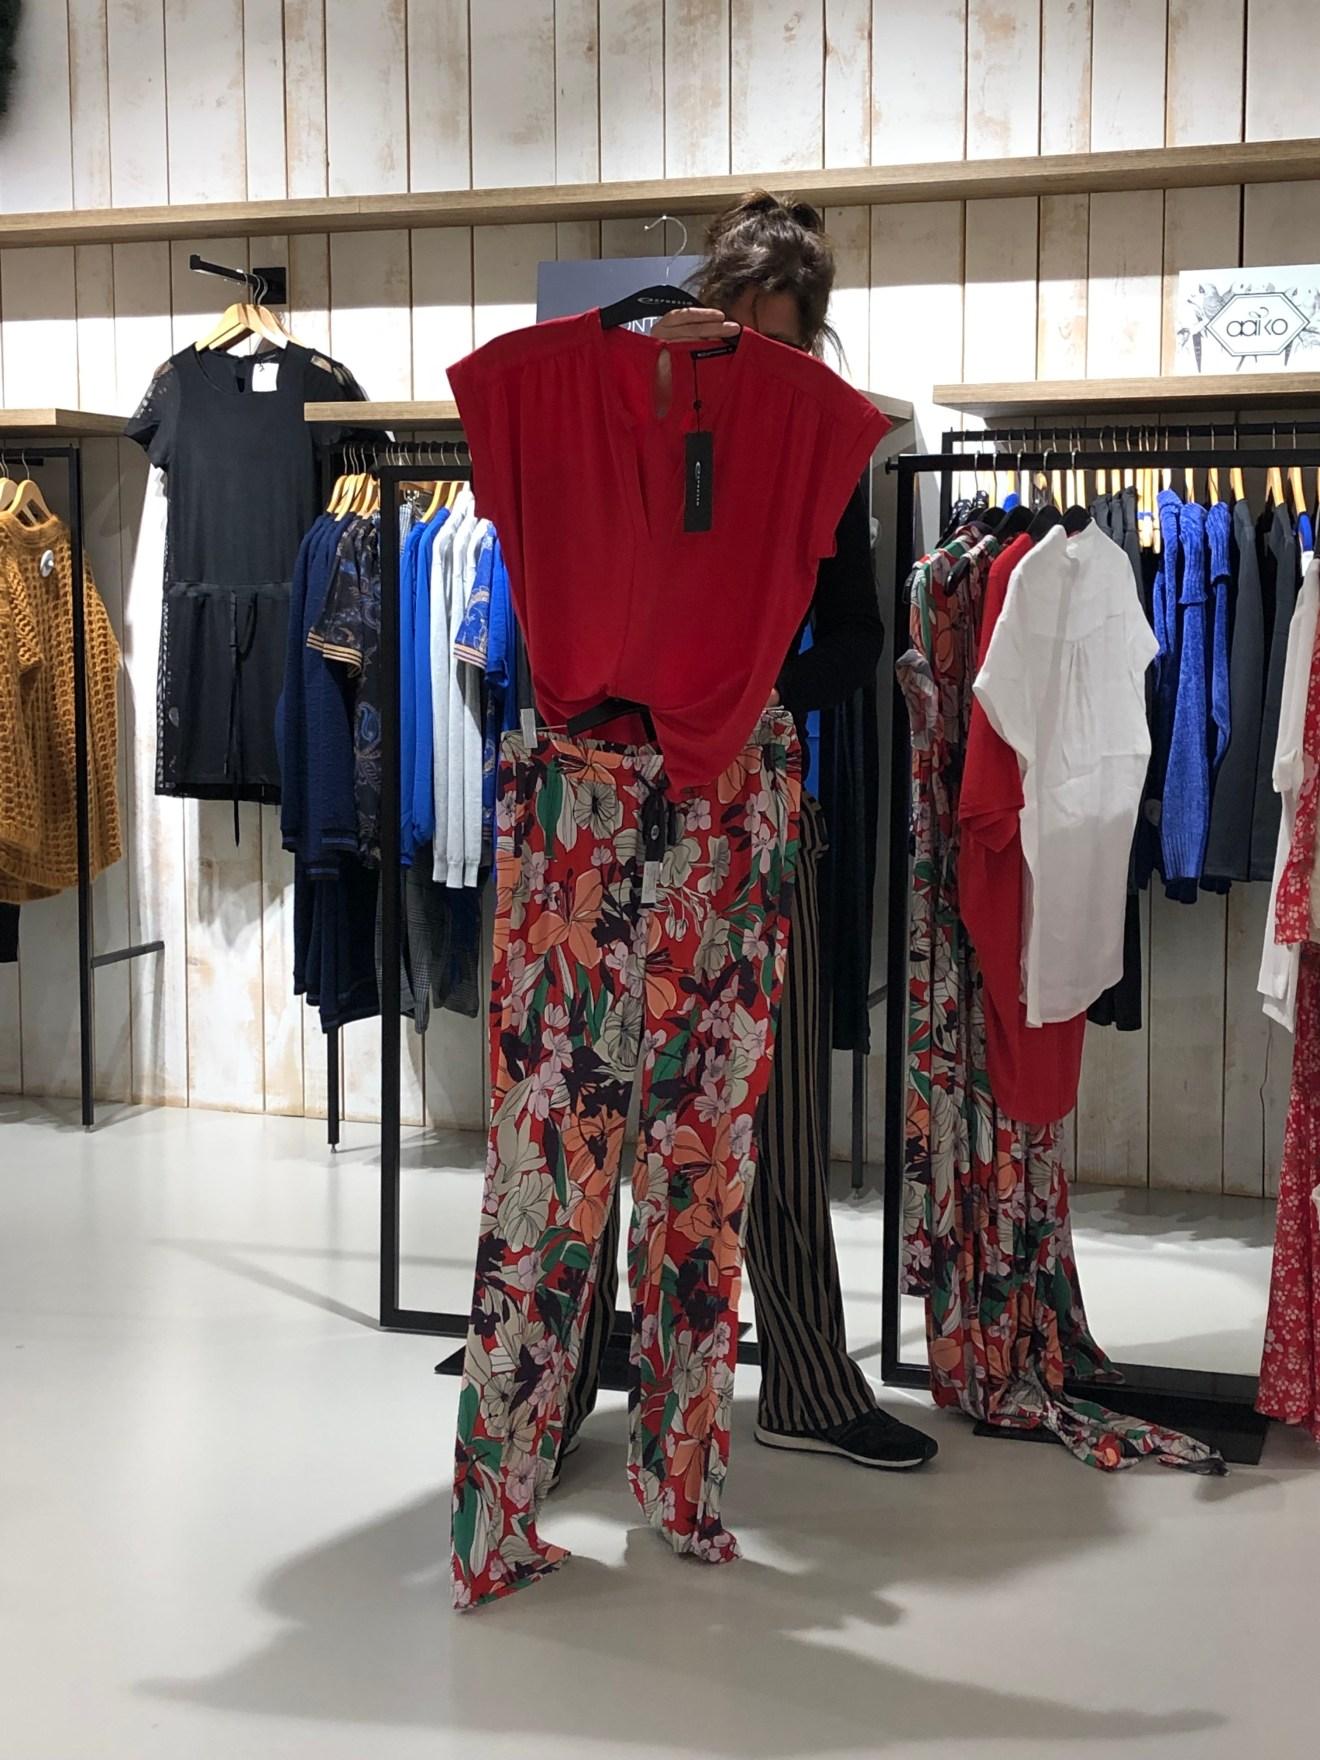 Expresso bloemenbroek met rode top